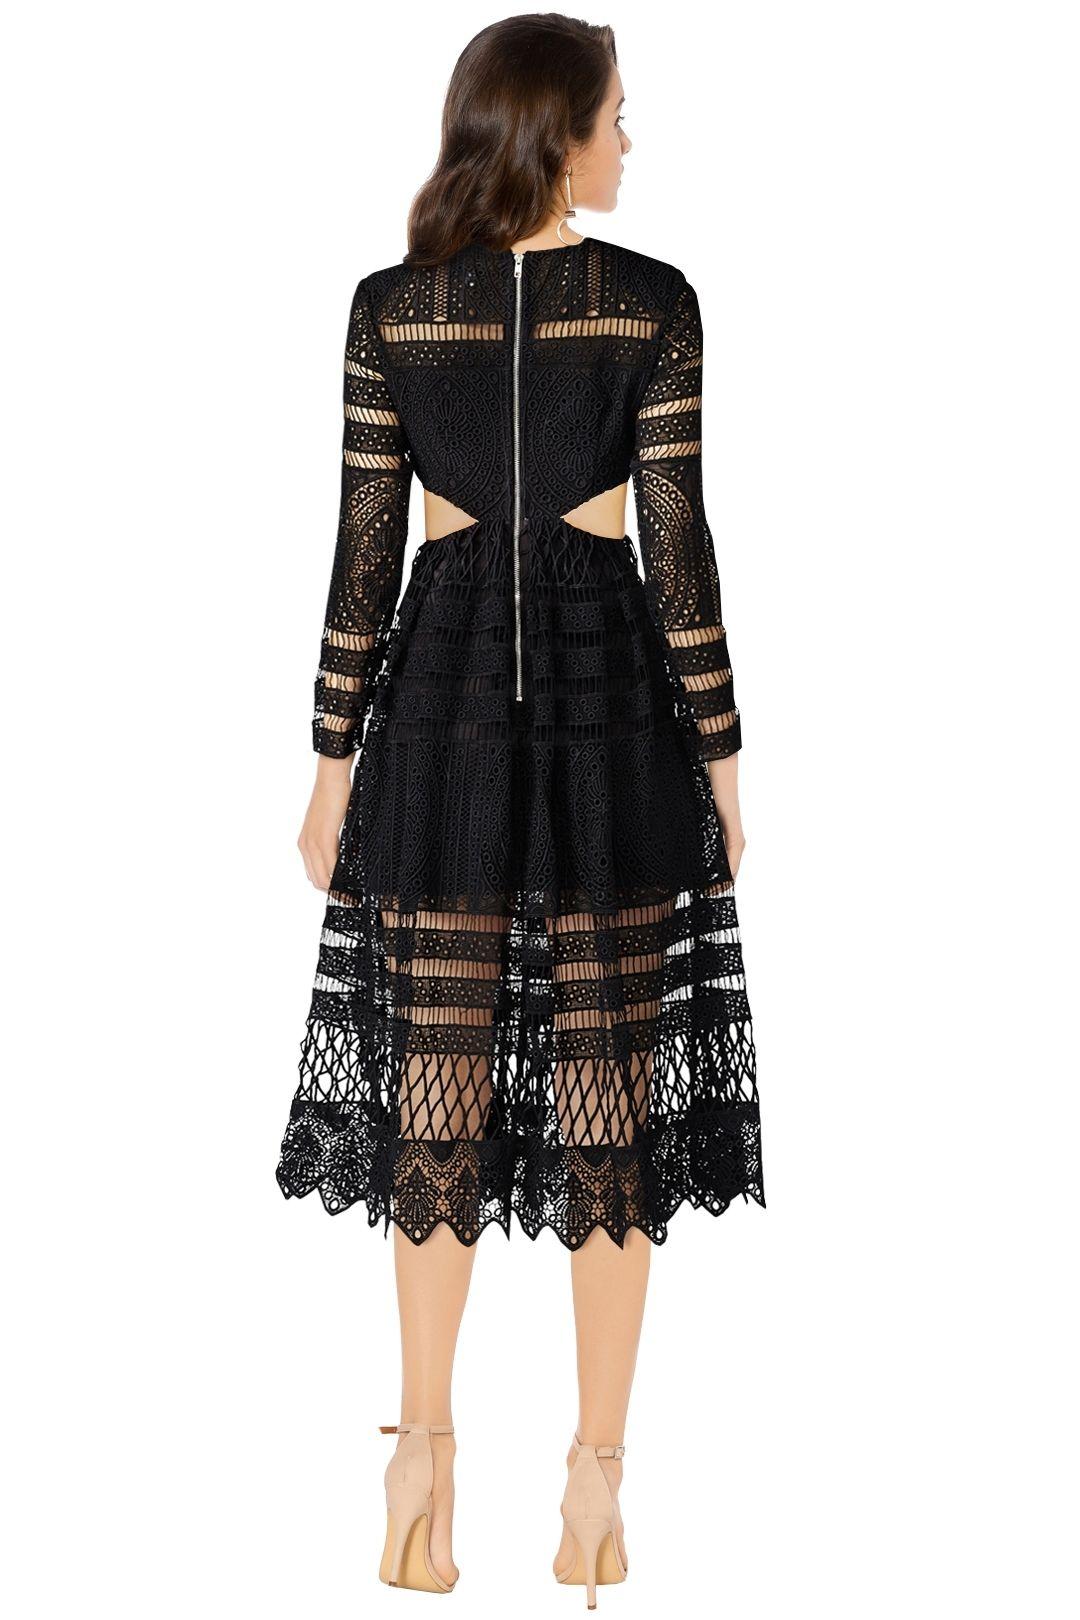 Asilio - A Cut Above Love Dress - Black - Back